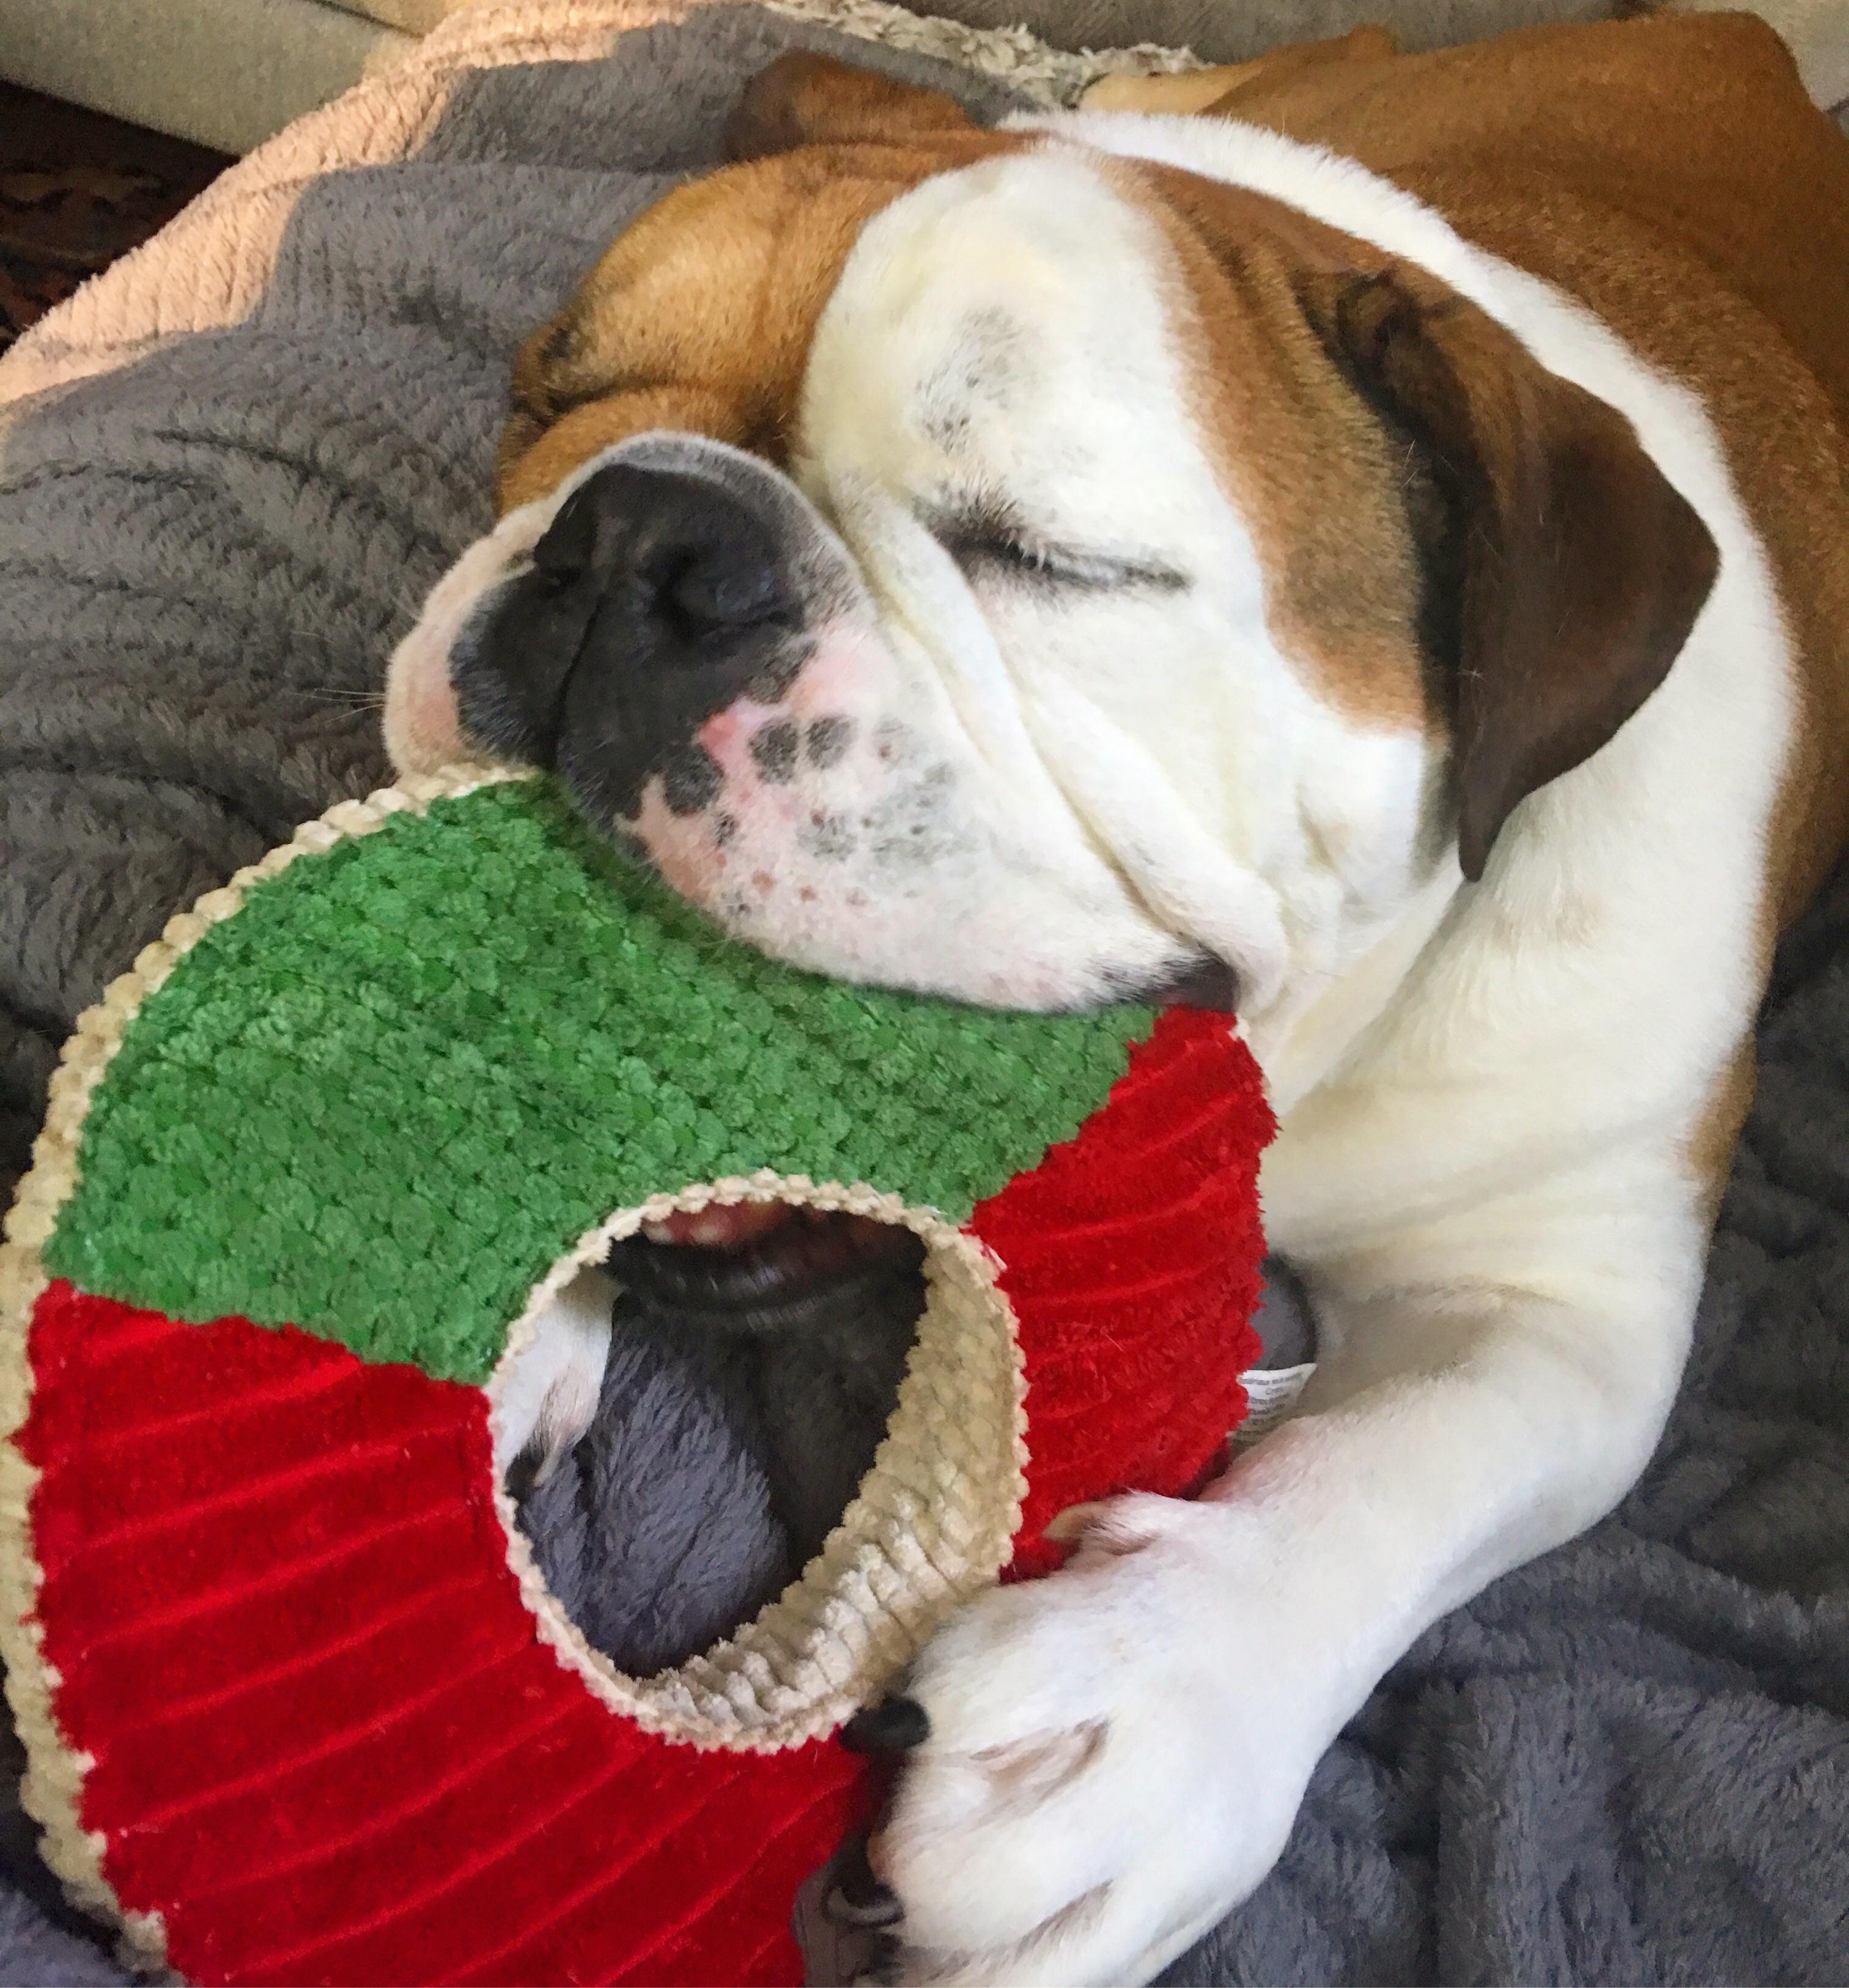 Teddy is a happy doggo todayhttps://i.redd.it/g7nkmr7v1ruy.jpg